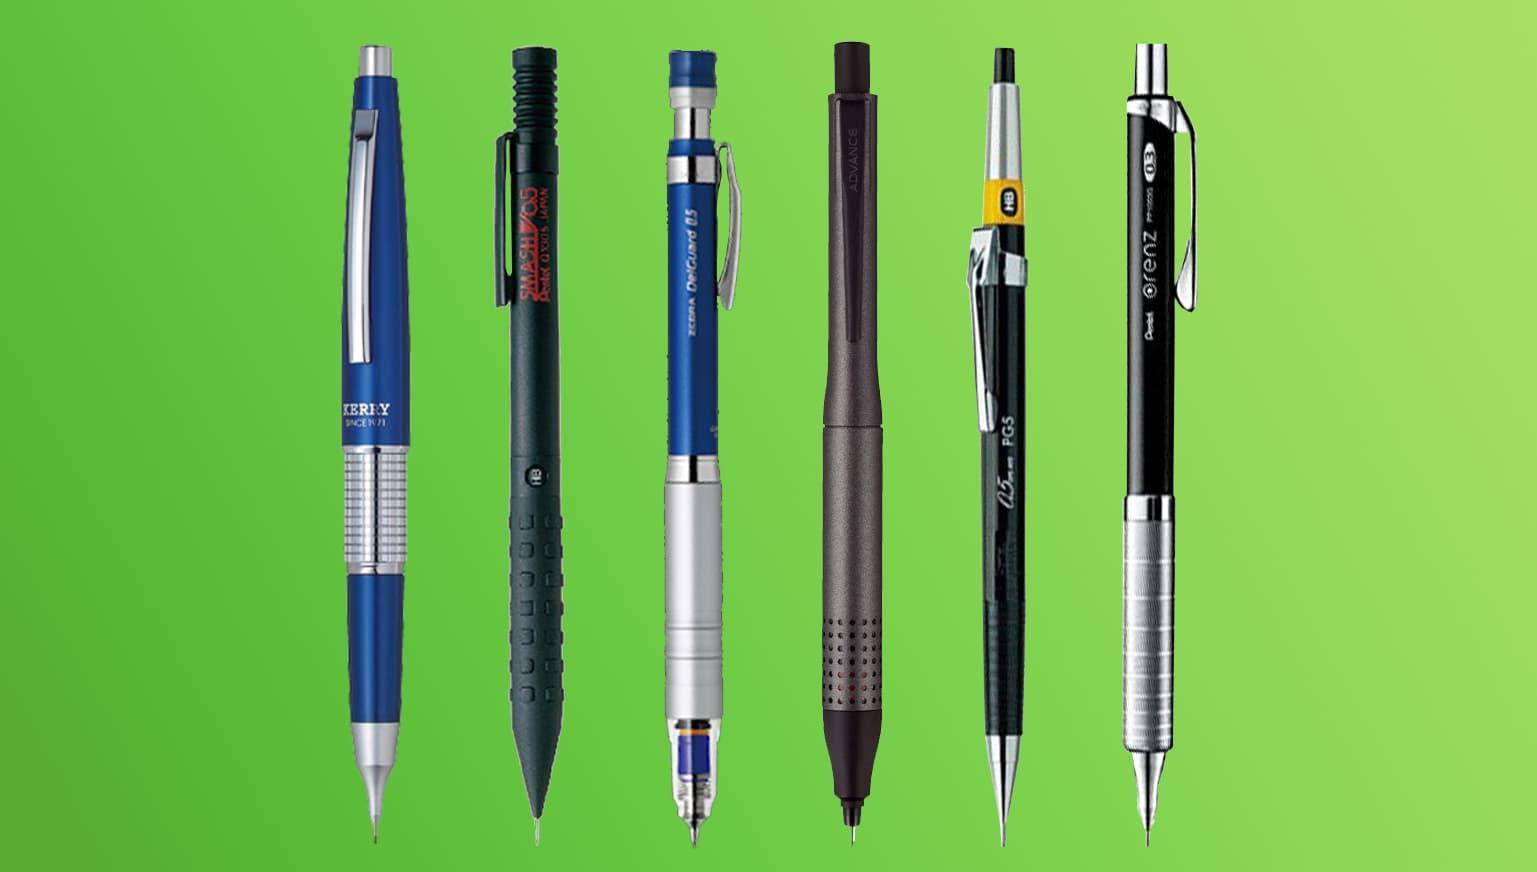 Mekanik kurşun kalem önerileri